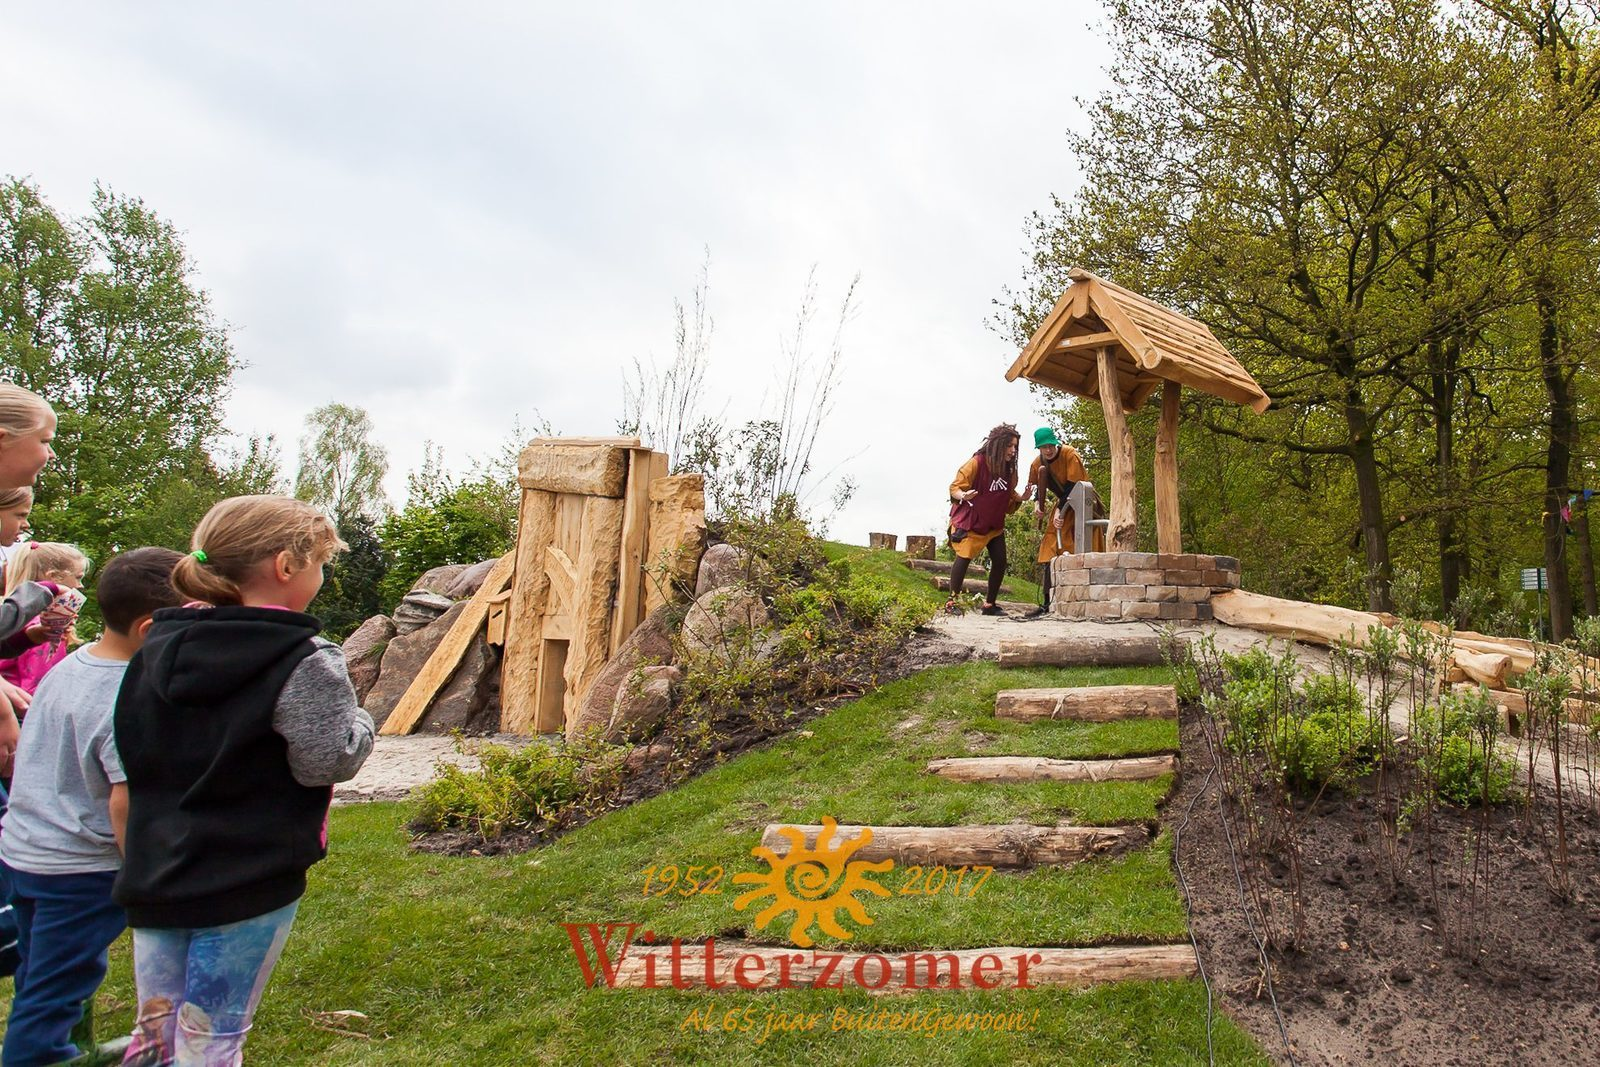 Fotoalbum | 65 jaar Witterzomer | Vakantiepark Witterzomer